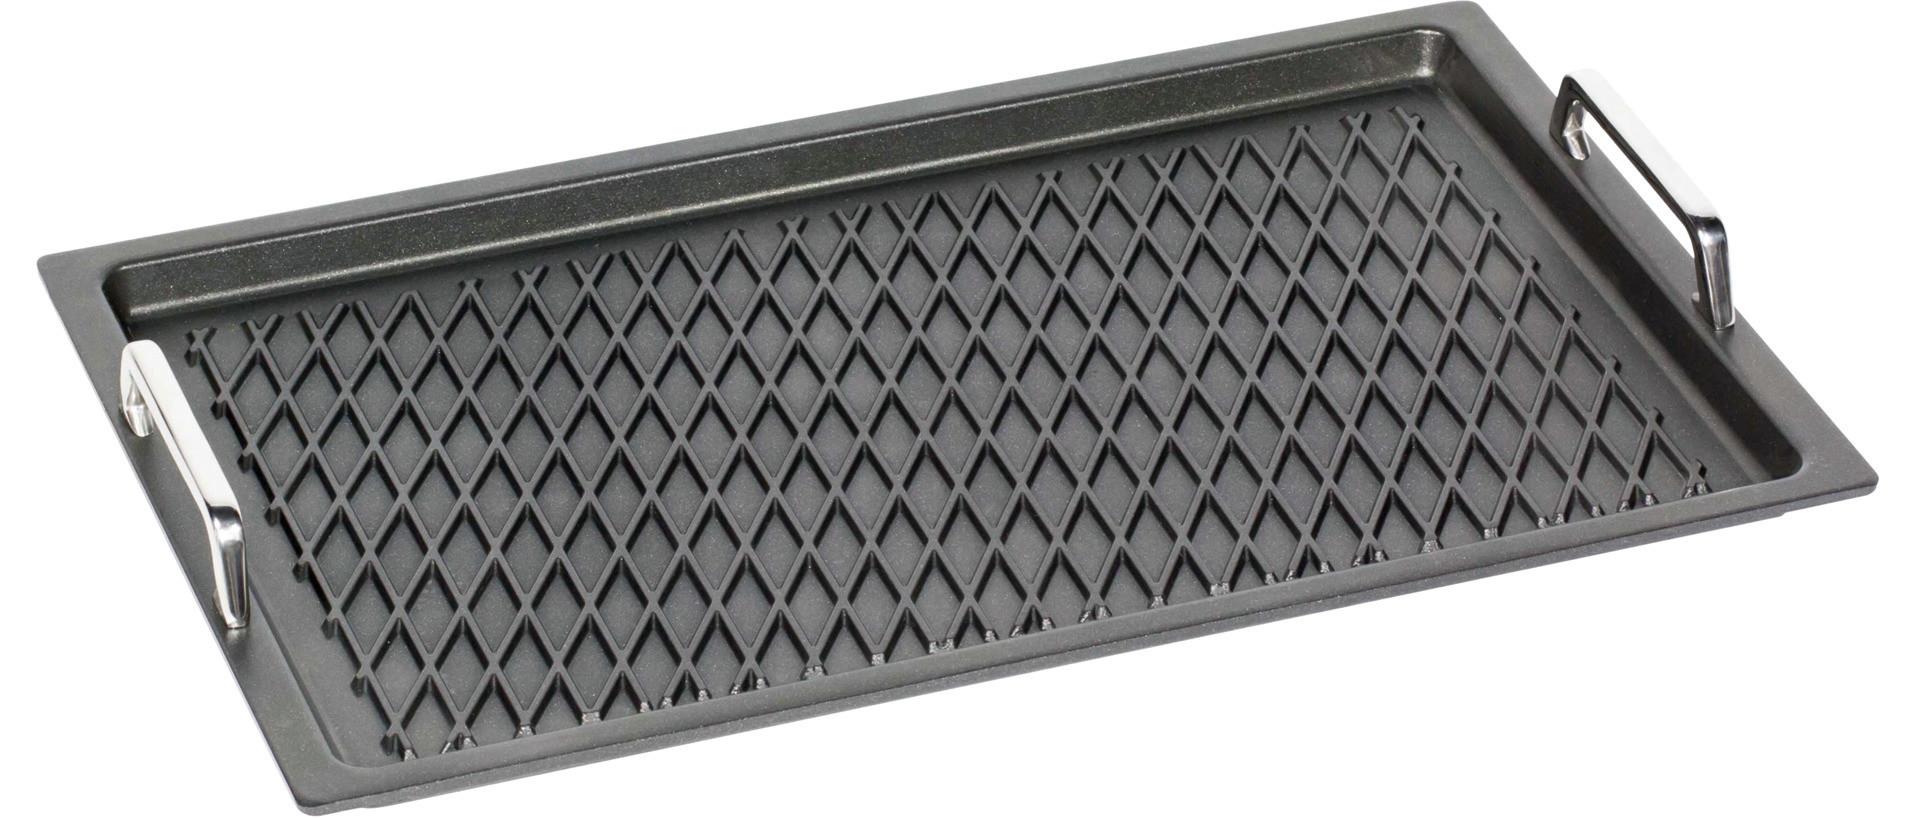 GN-Bratplatte GN 1/1 BBQ-Grillboden mit Griffen 0,10 l / 530 x 330 x 20 mm